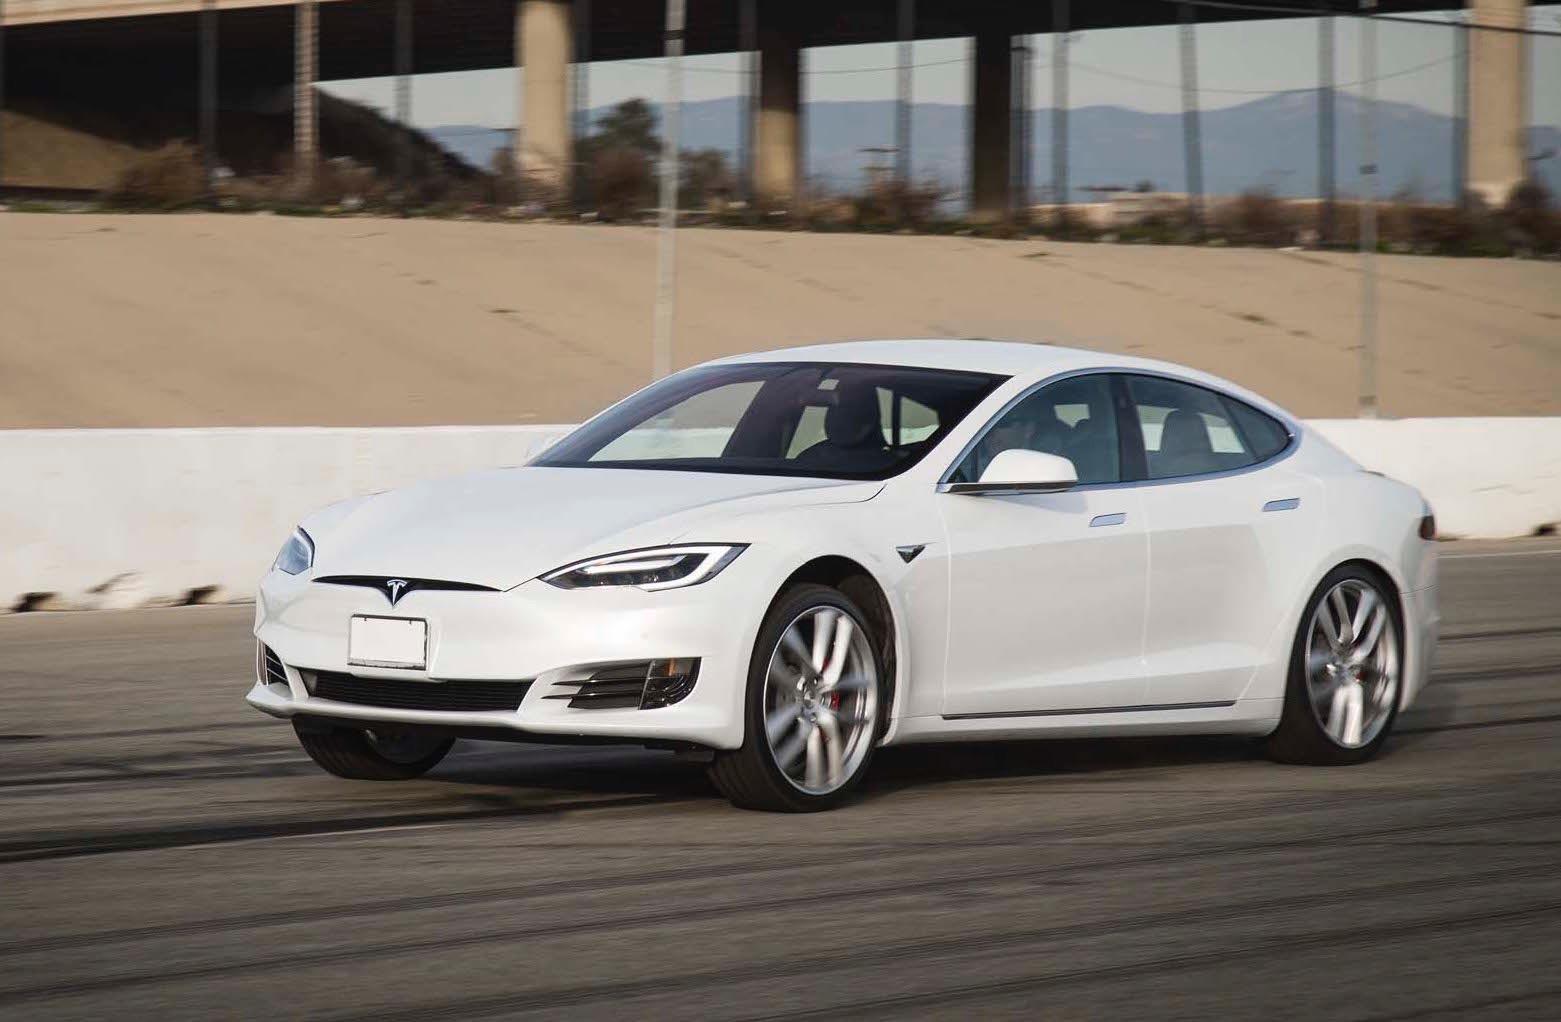 Tesla Model S P100d Resets 0 60mph Record 2 28 Seconds